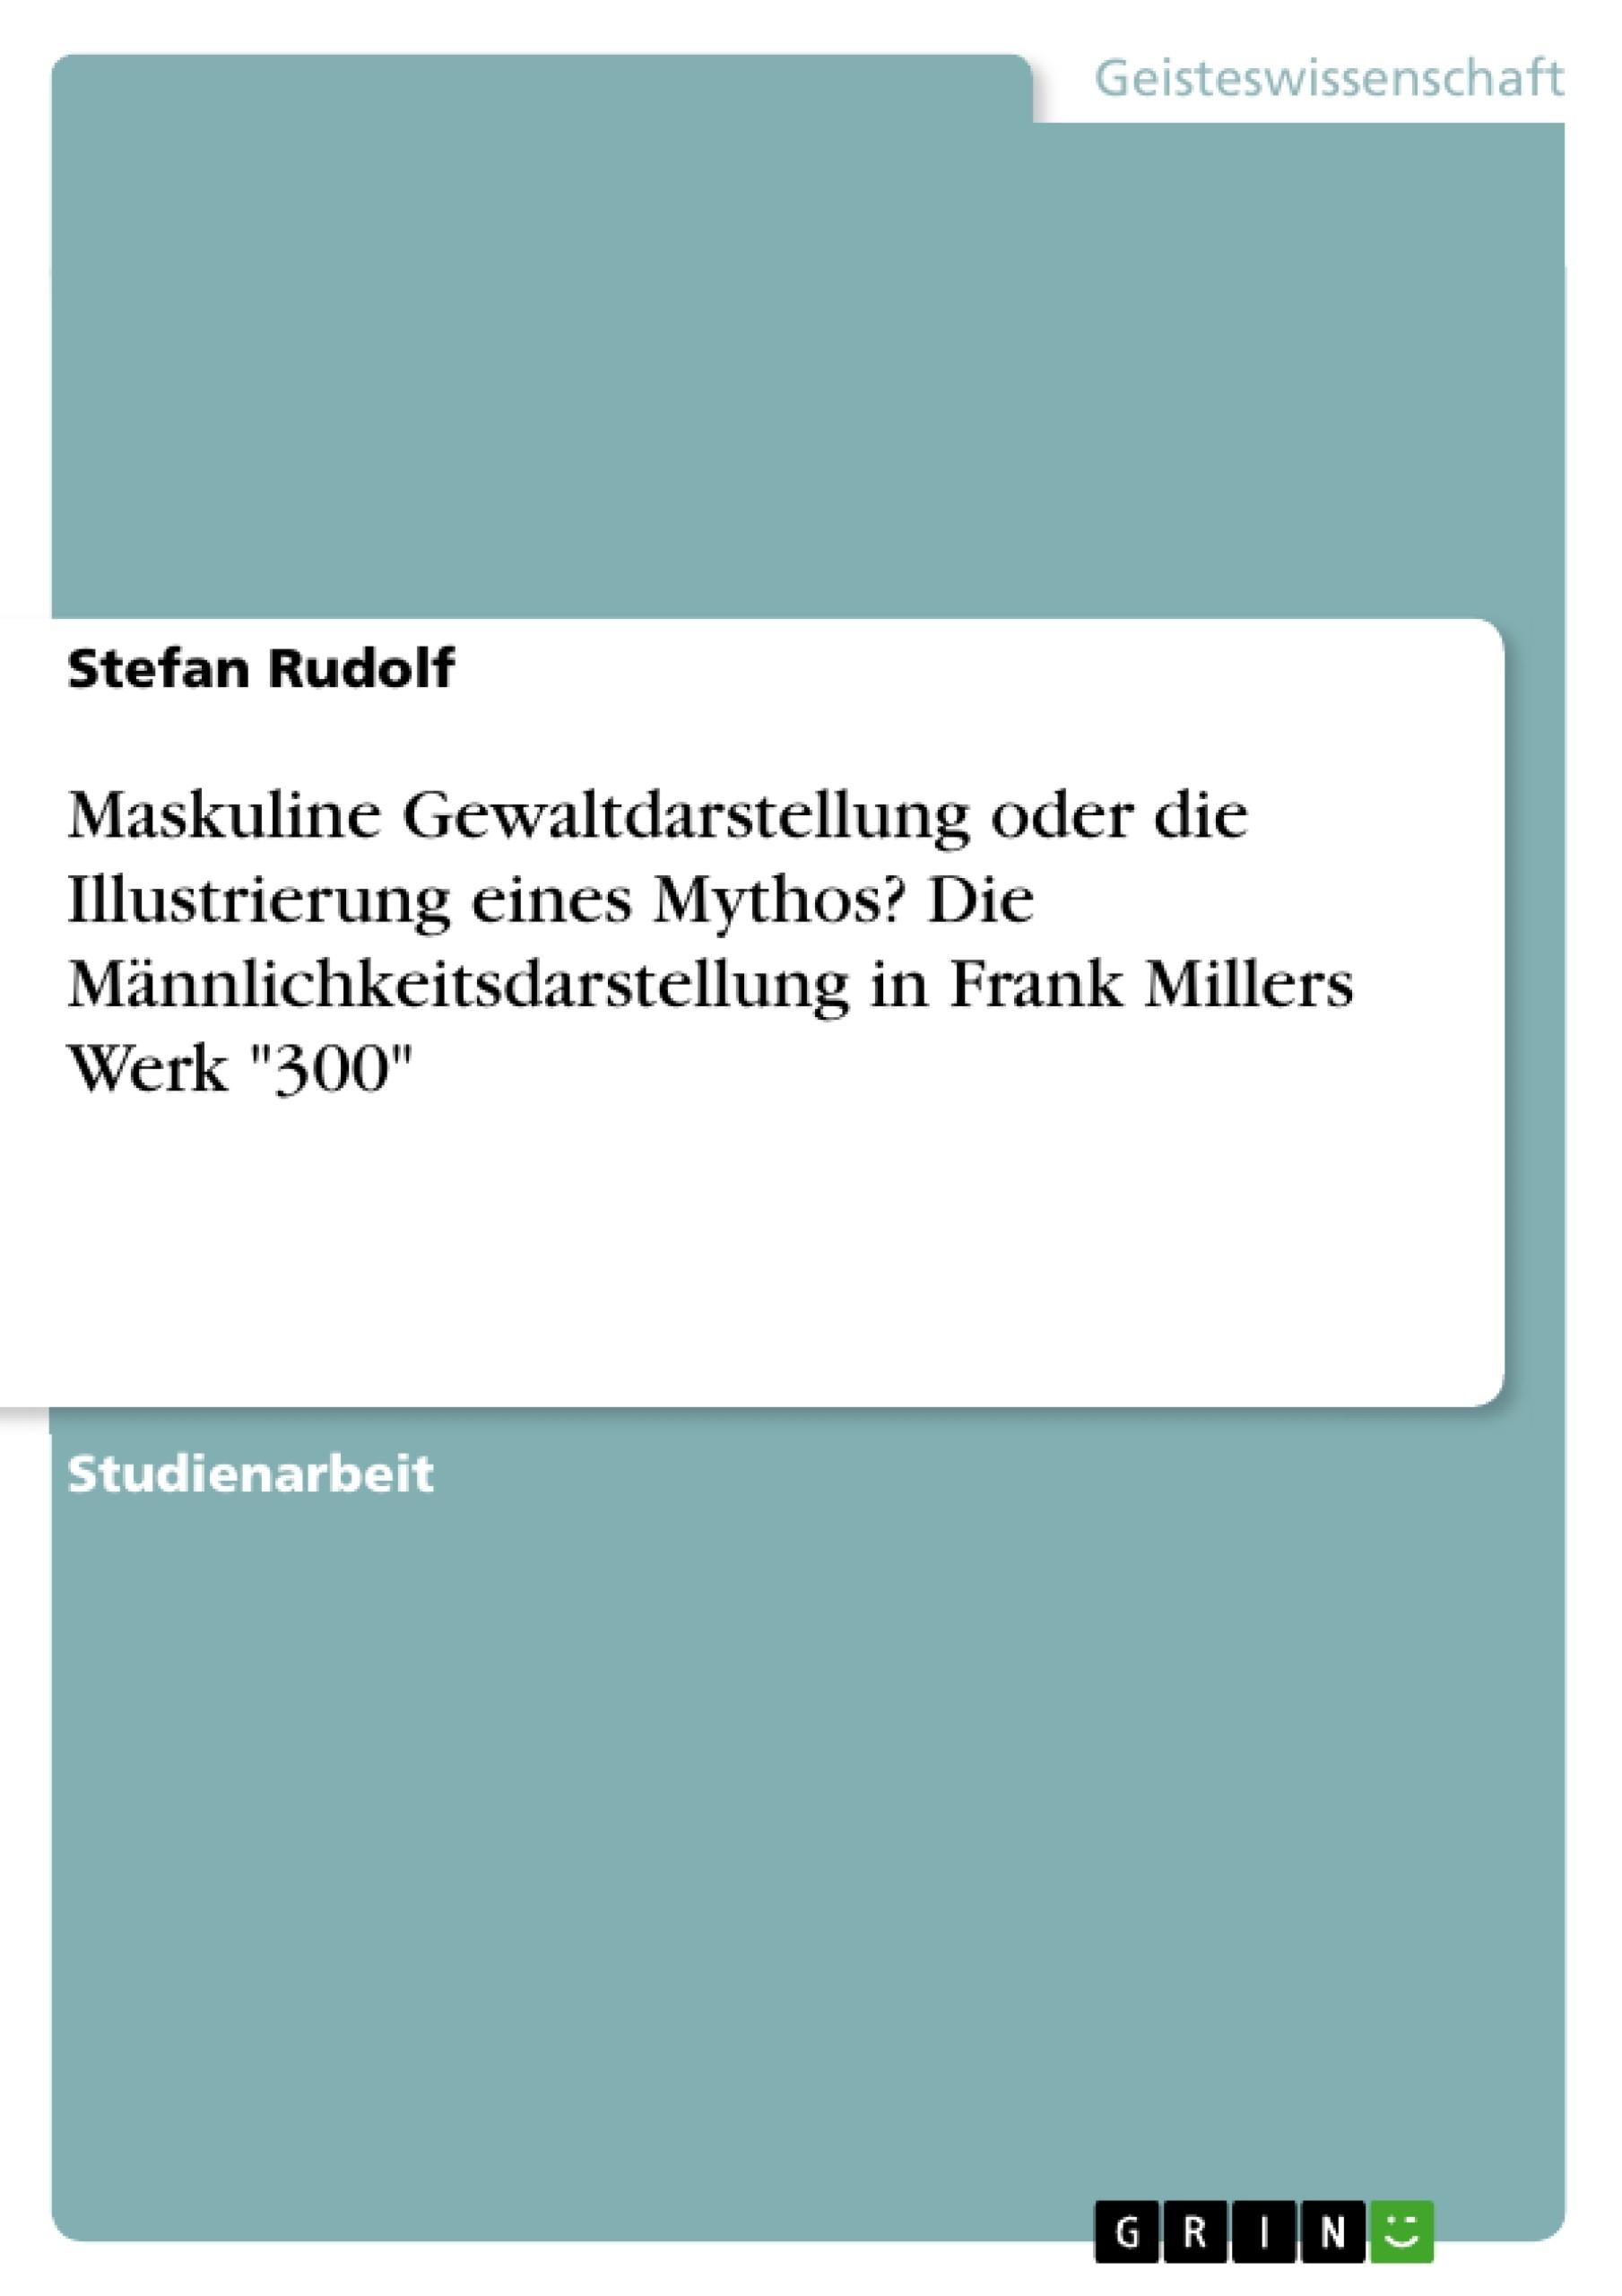 """Titel: Maskuline Gewaltdarstellung oder die Illustrierung eines Mythos? Die Männlichkeitsdarstellung in Frank Millers Werk """"300"""""""